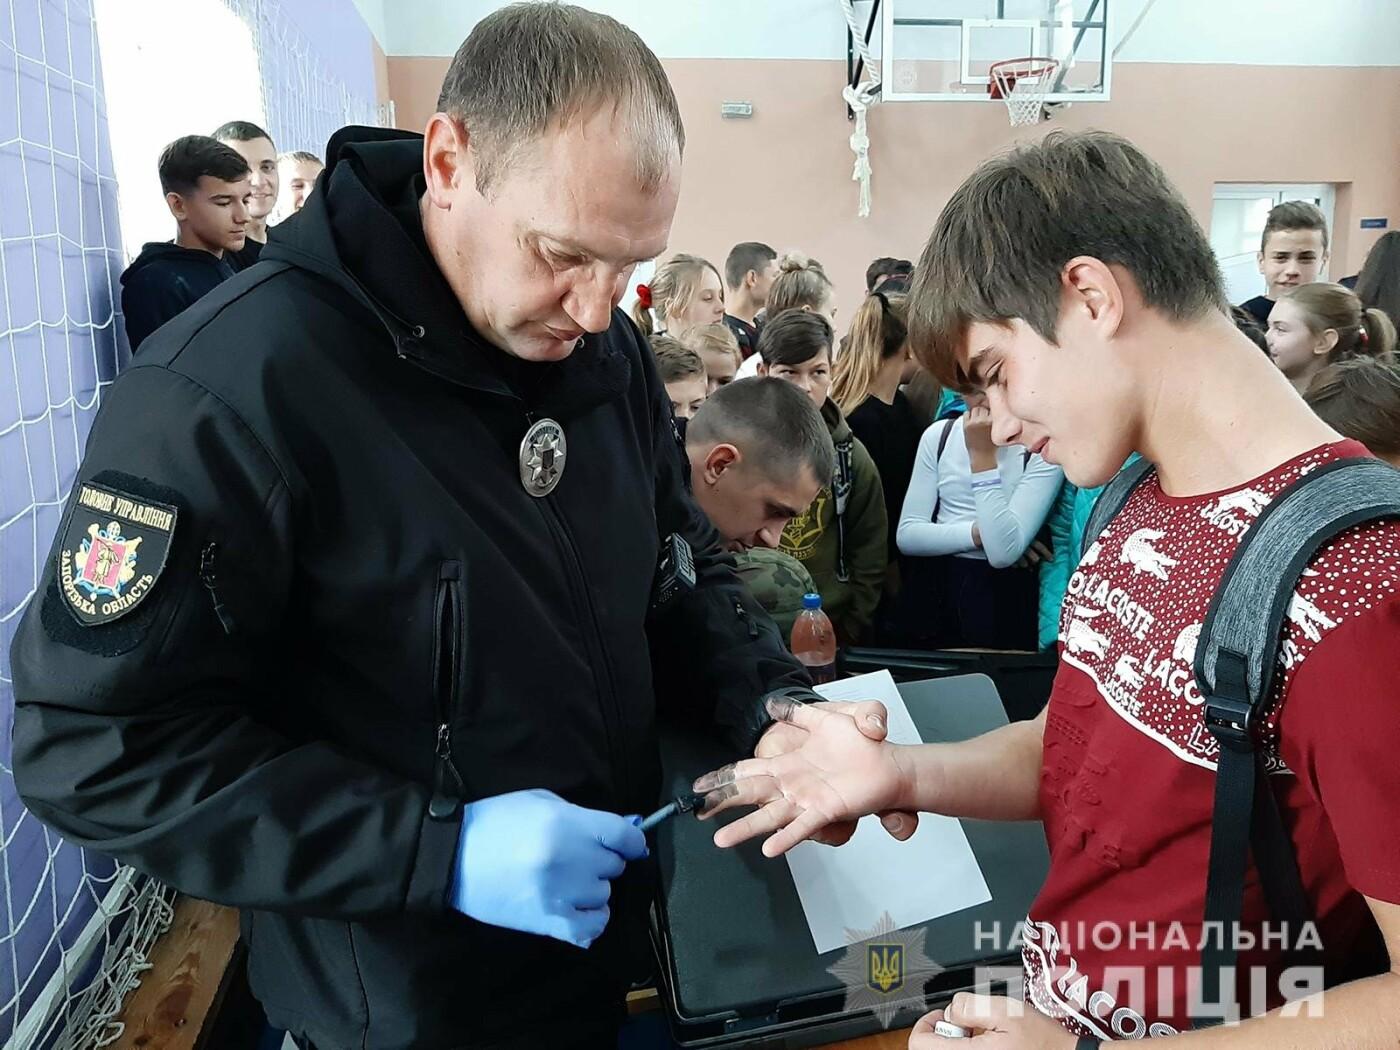 Полицейские и спасатели рассказали школьникам Мелитопольского района о своих профессиях, фото-4